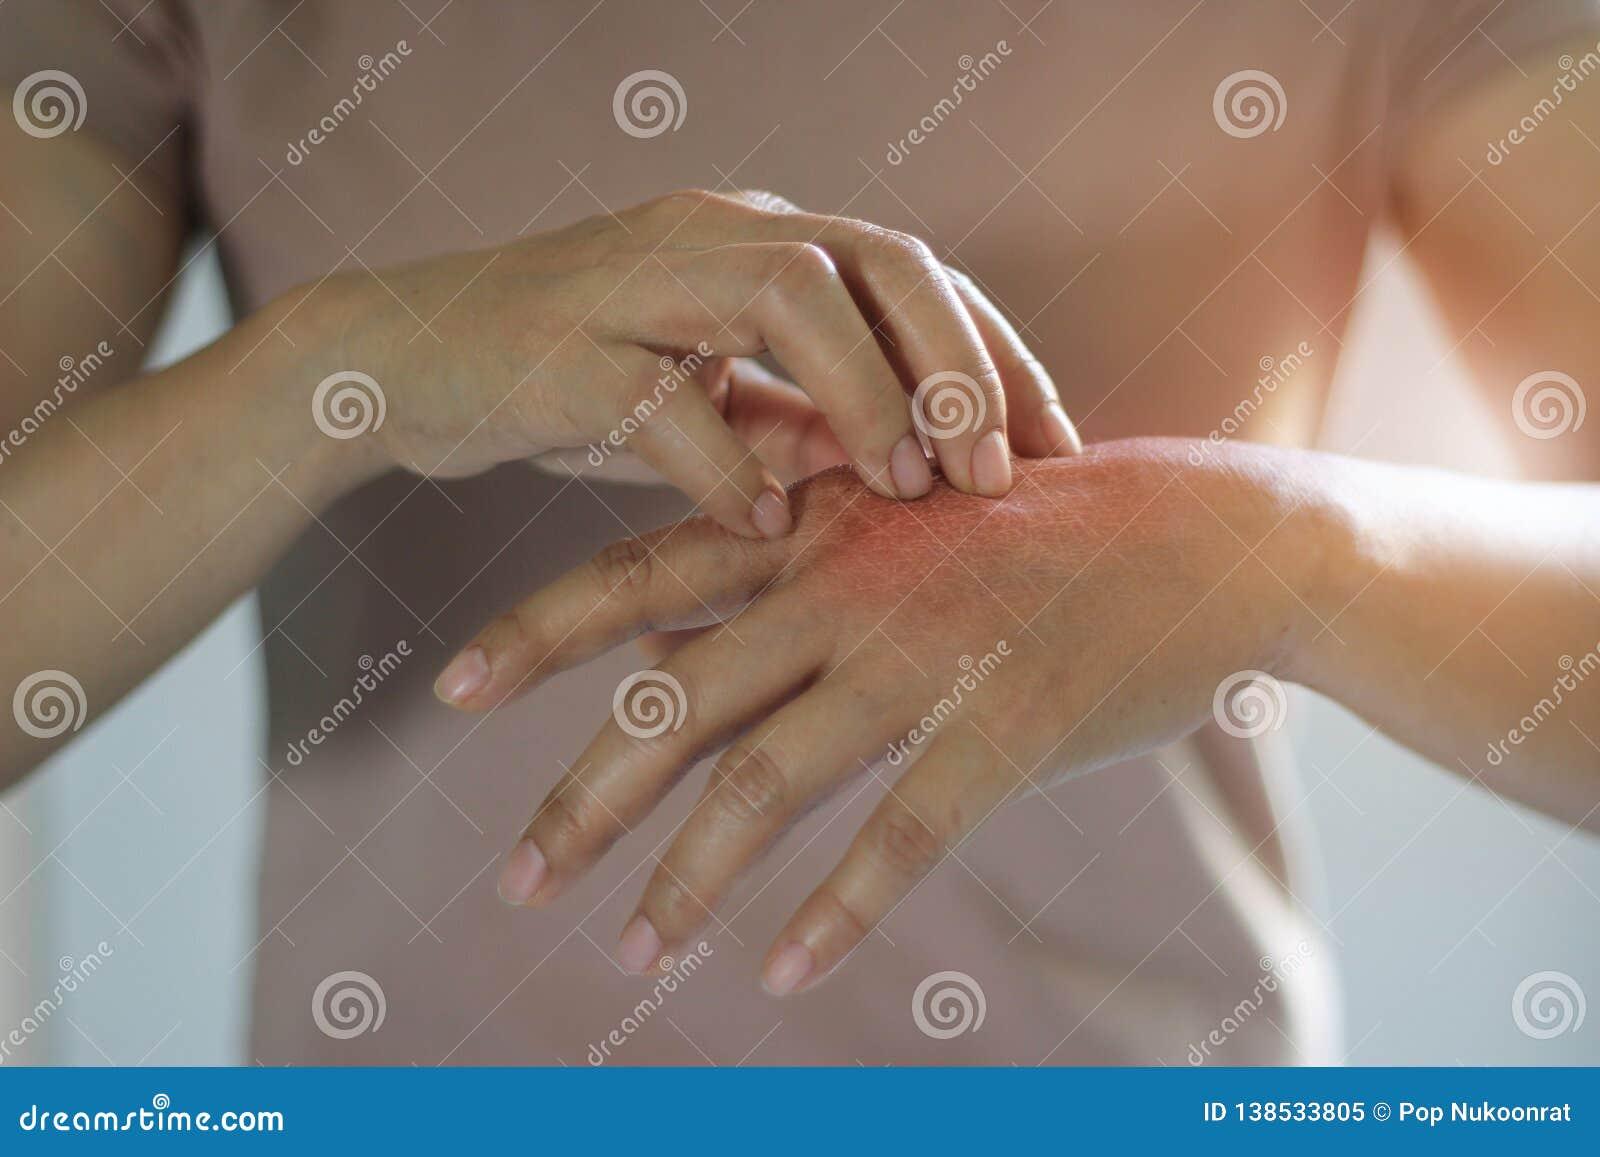 Gezondheidszorg en Medisch Concept Wijfje die de jeuk op haar hand krassen, oorzaak van het jeuken van huidziekten